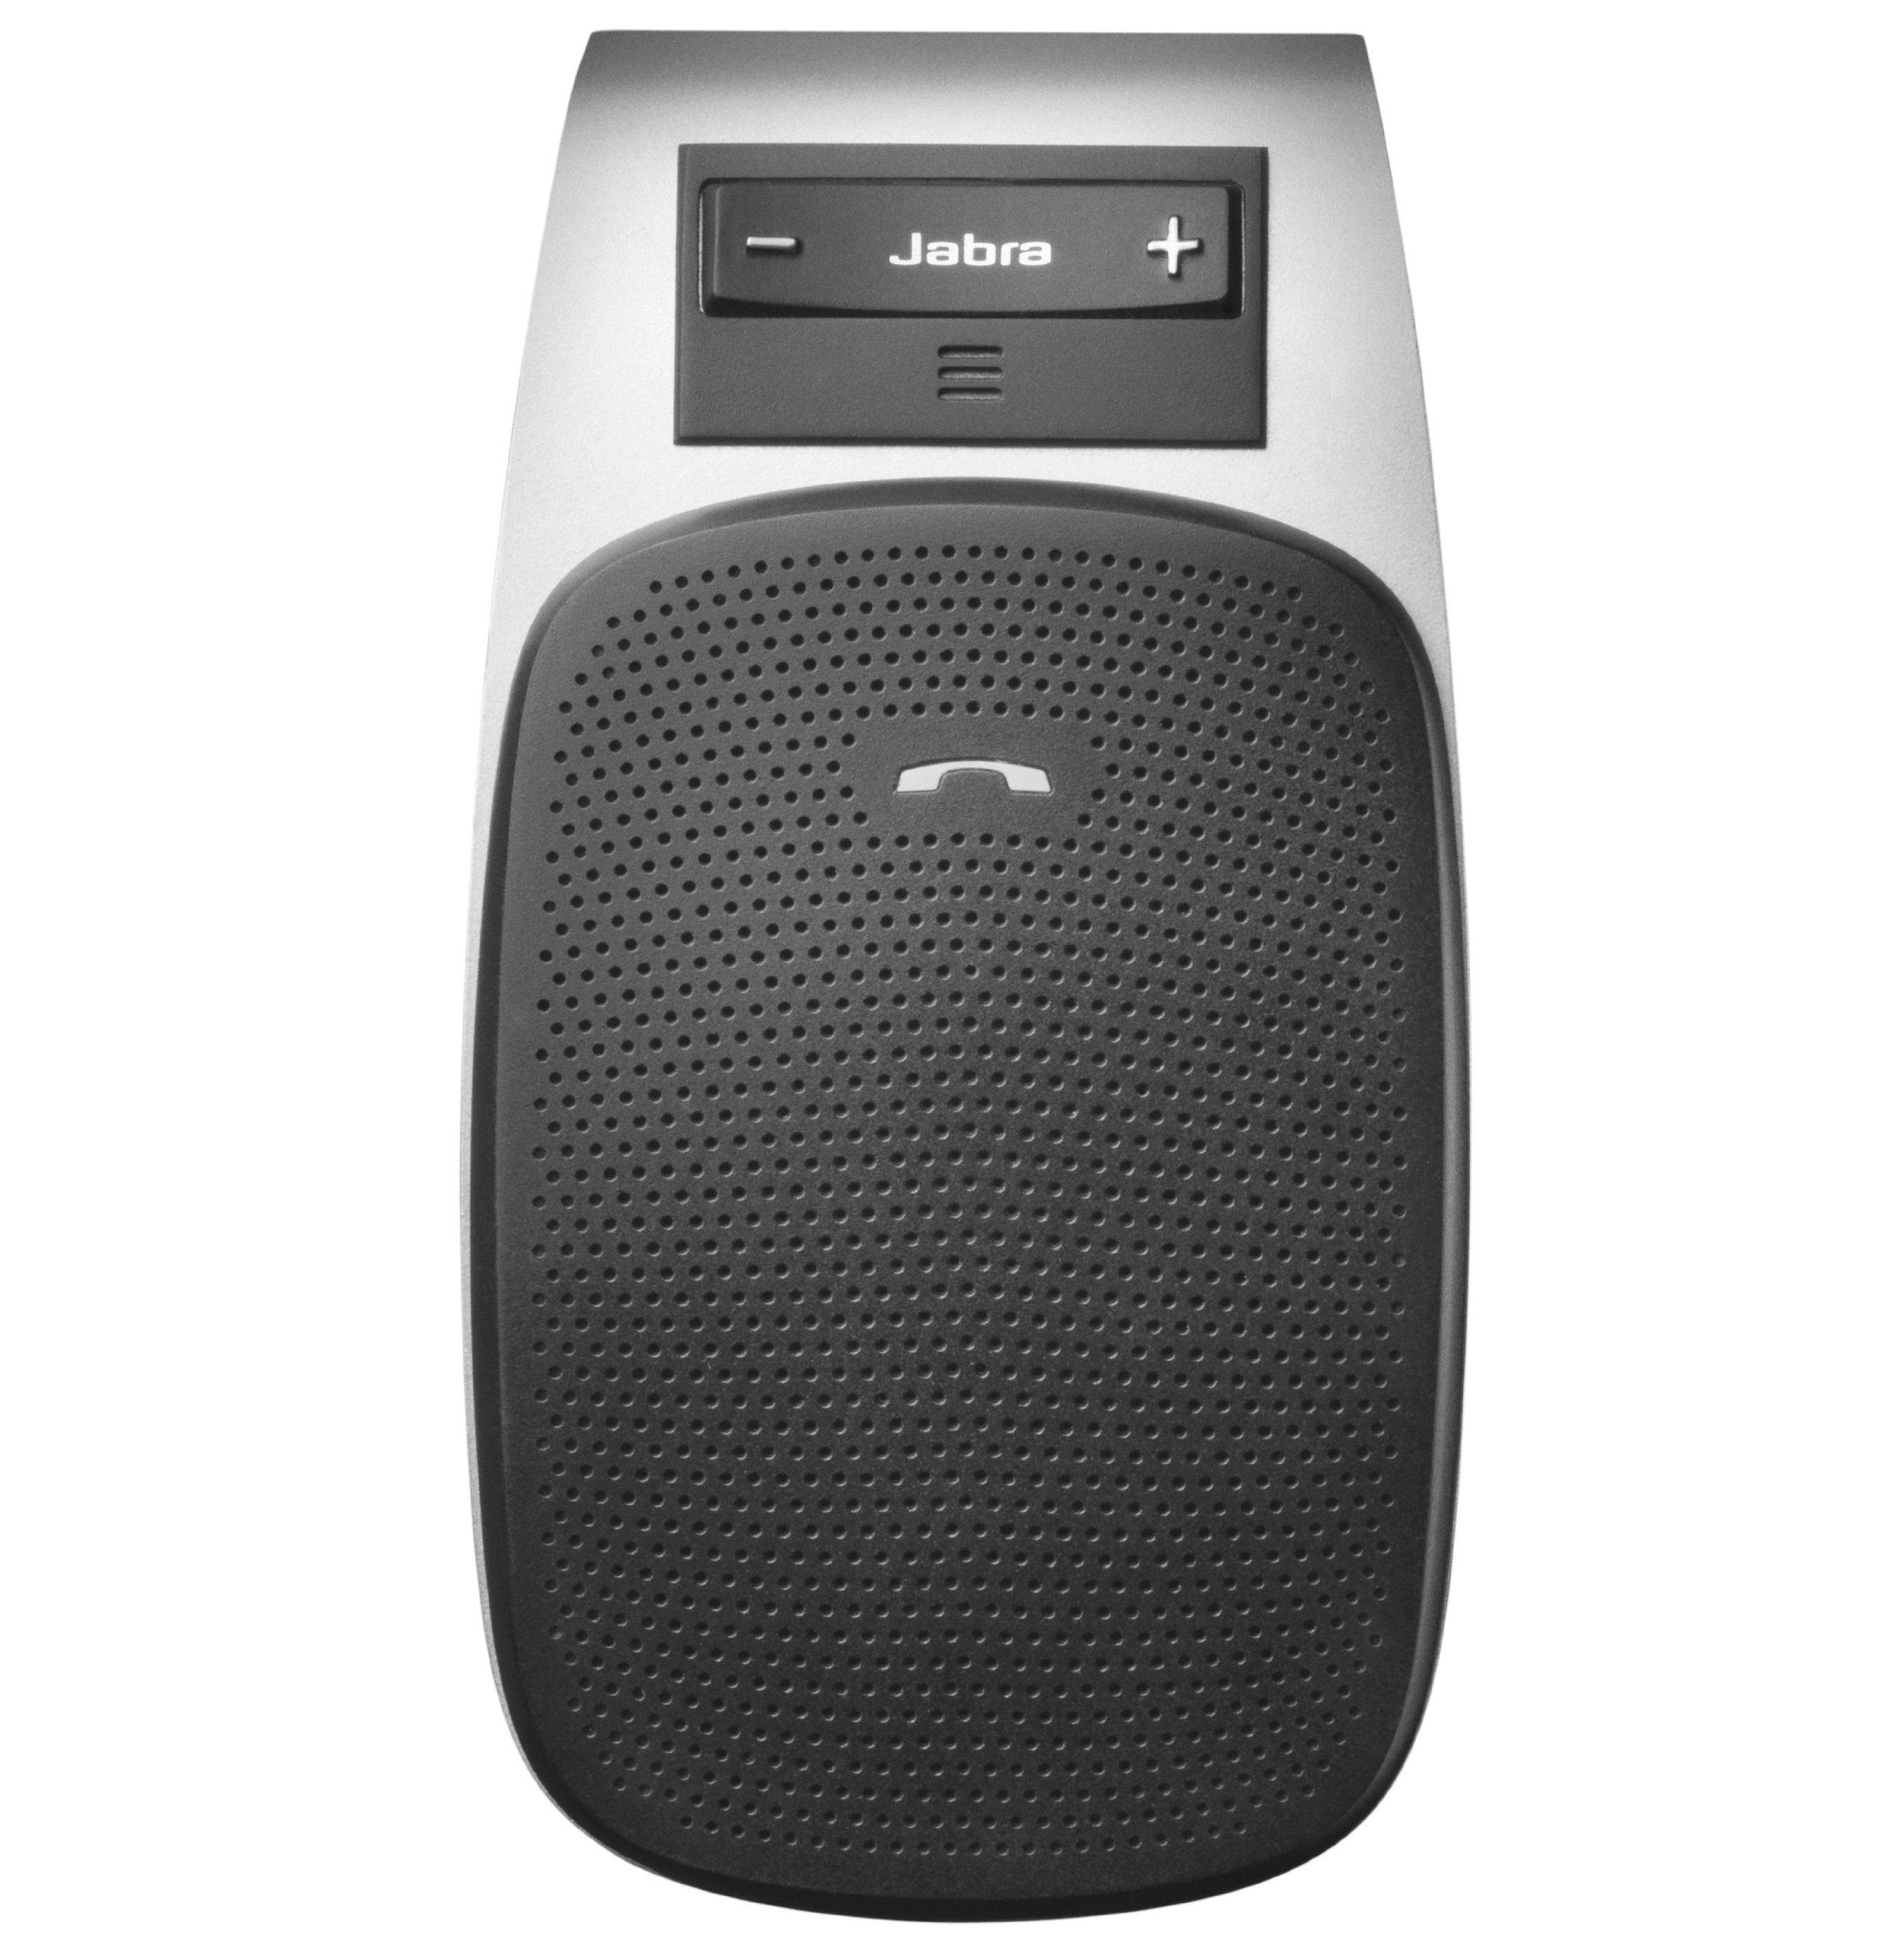 Jabra Drive Bluetooth In-Car Speakerphone (U.S. Retail Packaging) by Jabra (Image #3)